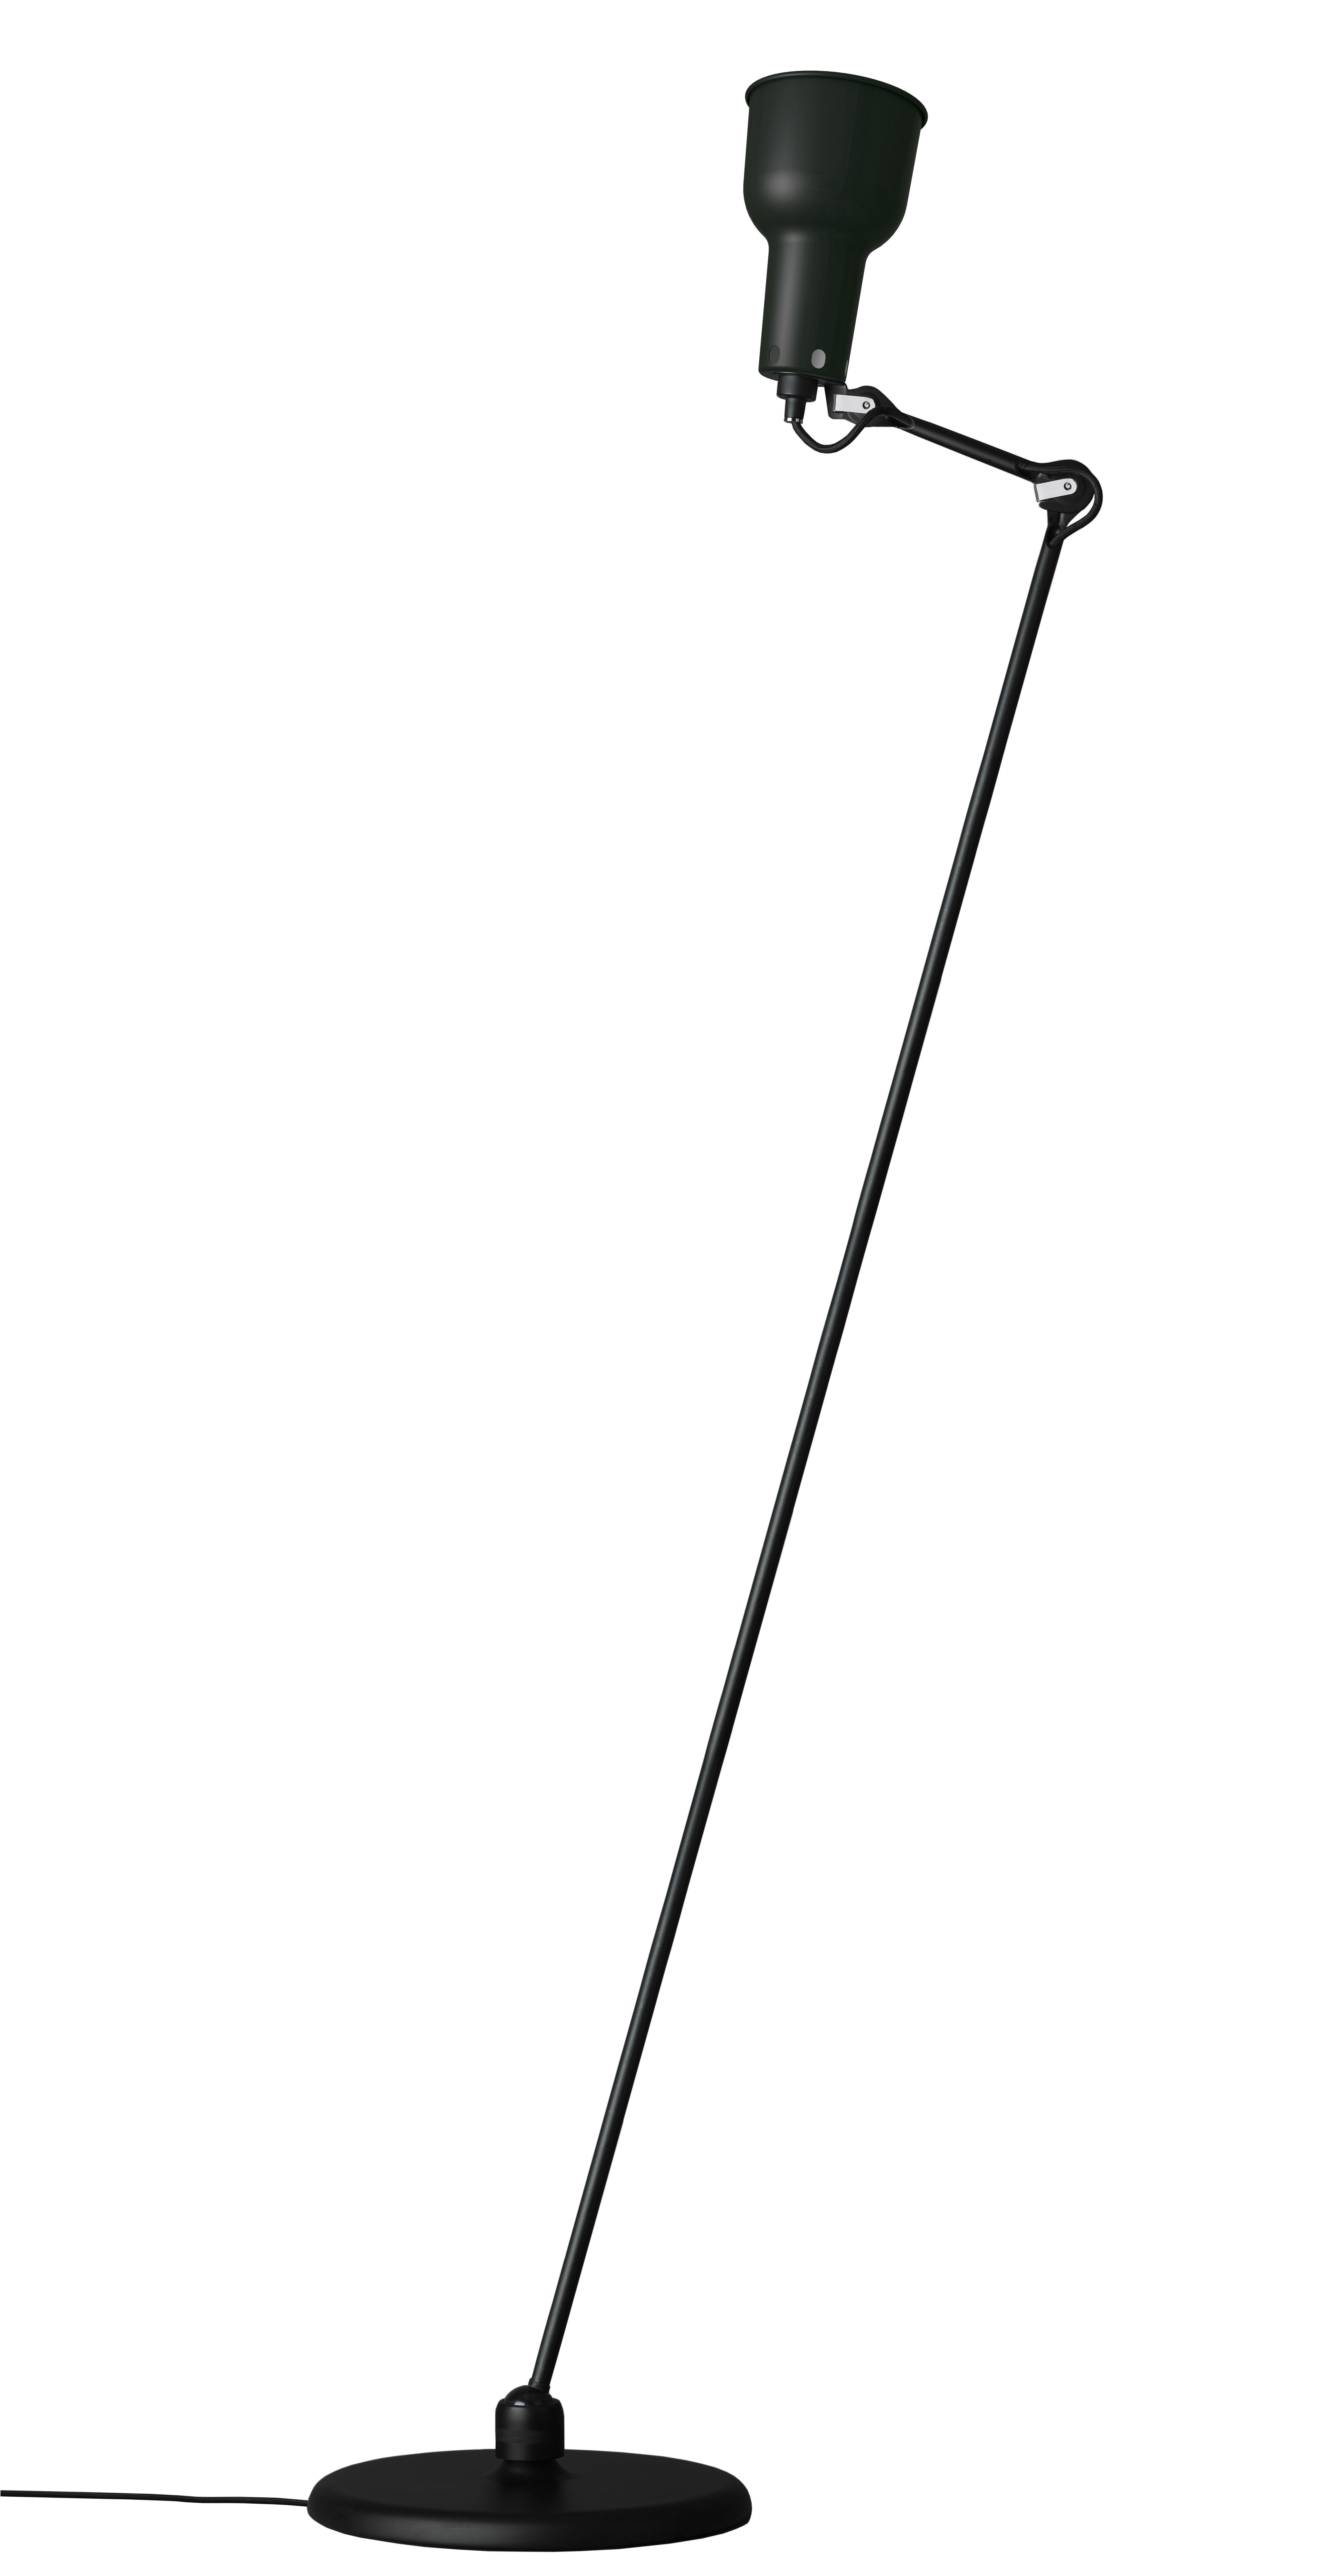 Lighting - Floor lamps - N°230 Floor lamp by DCW éditions - Matt black - Steel